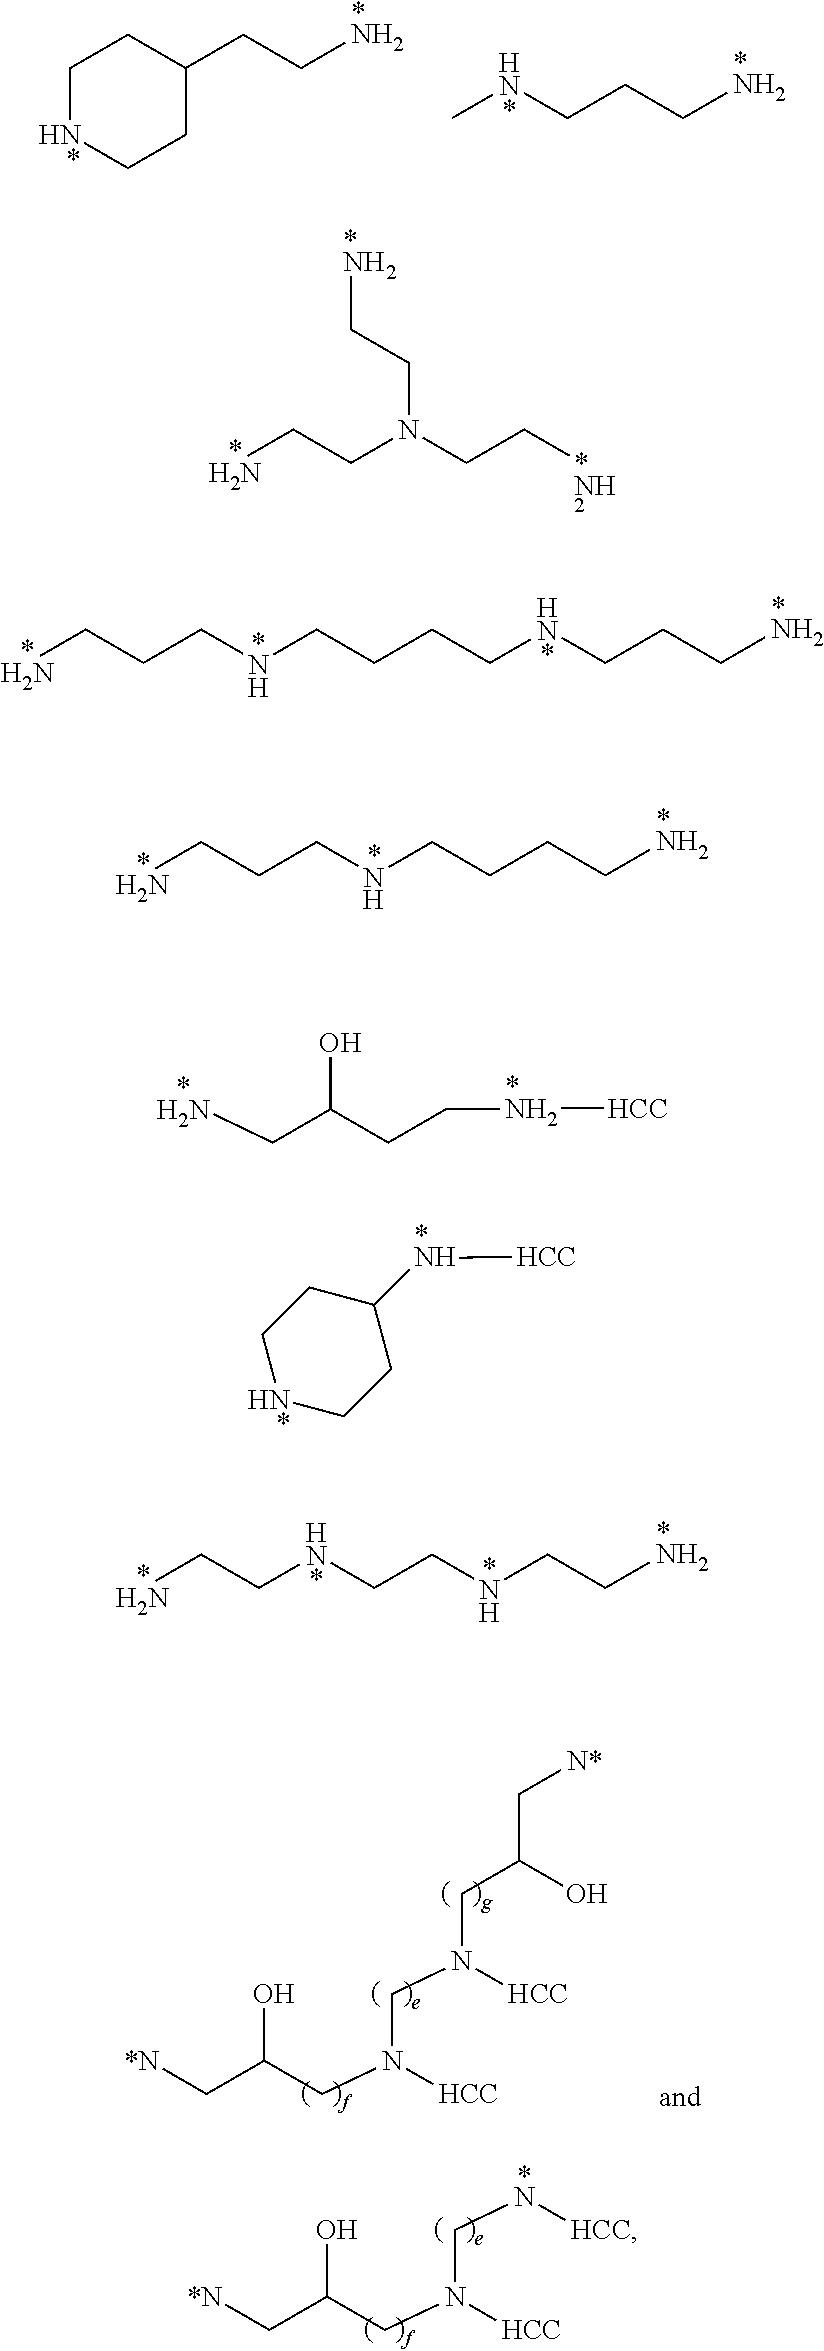 Figure US09901642-20180227-C00006